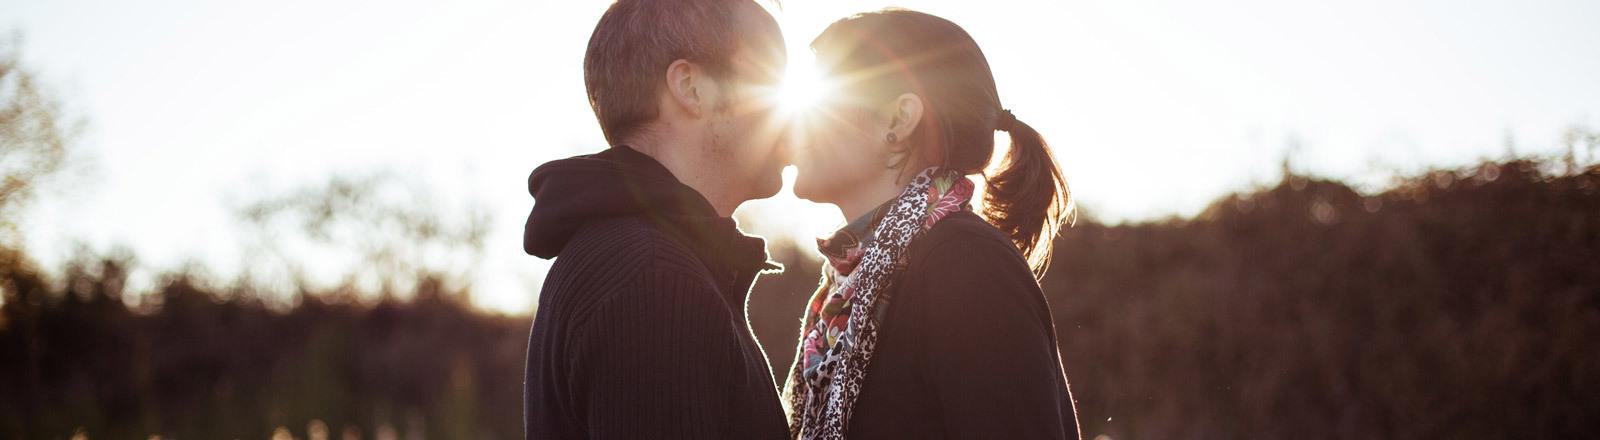 Ein Mann und eine Frau küssen sich